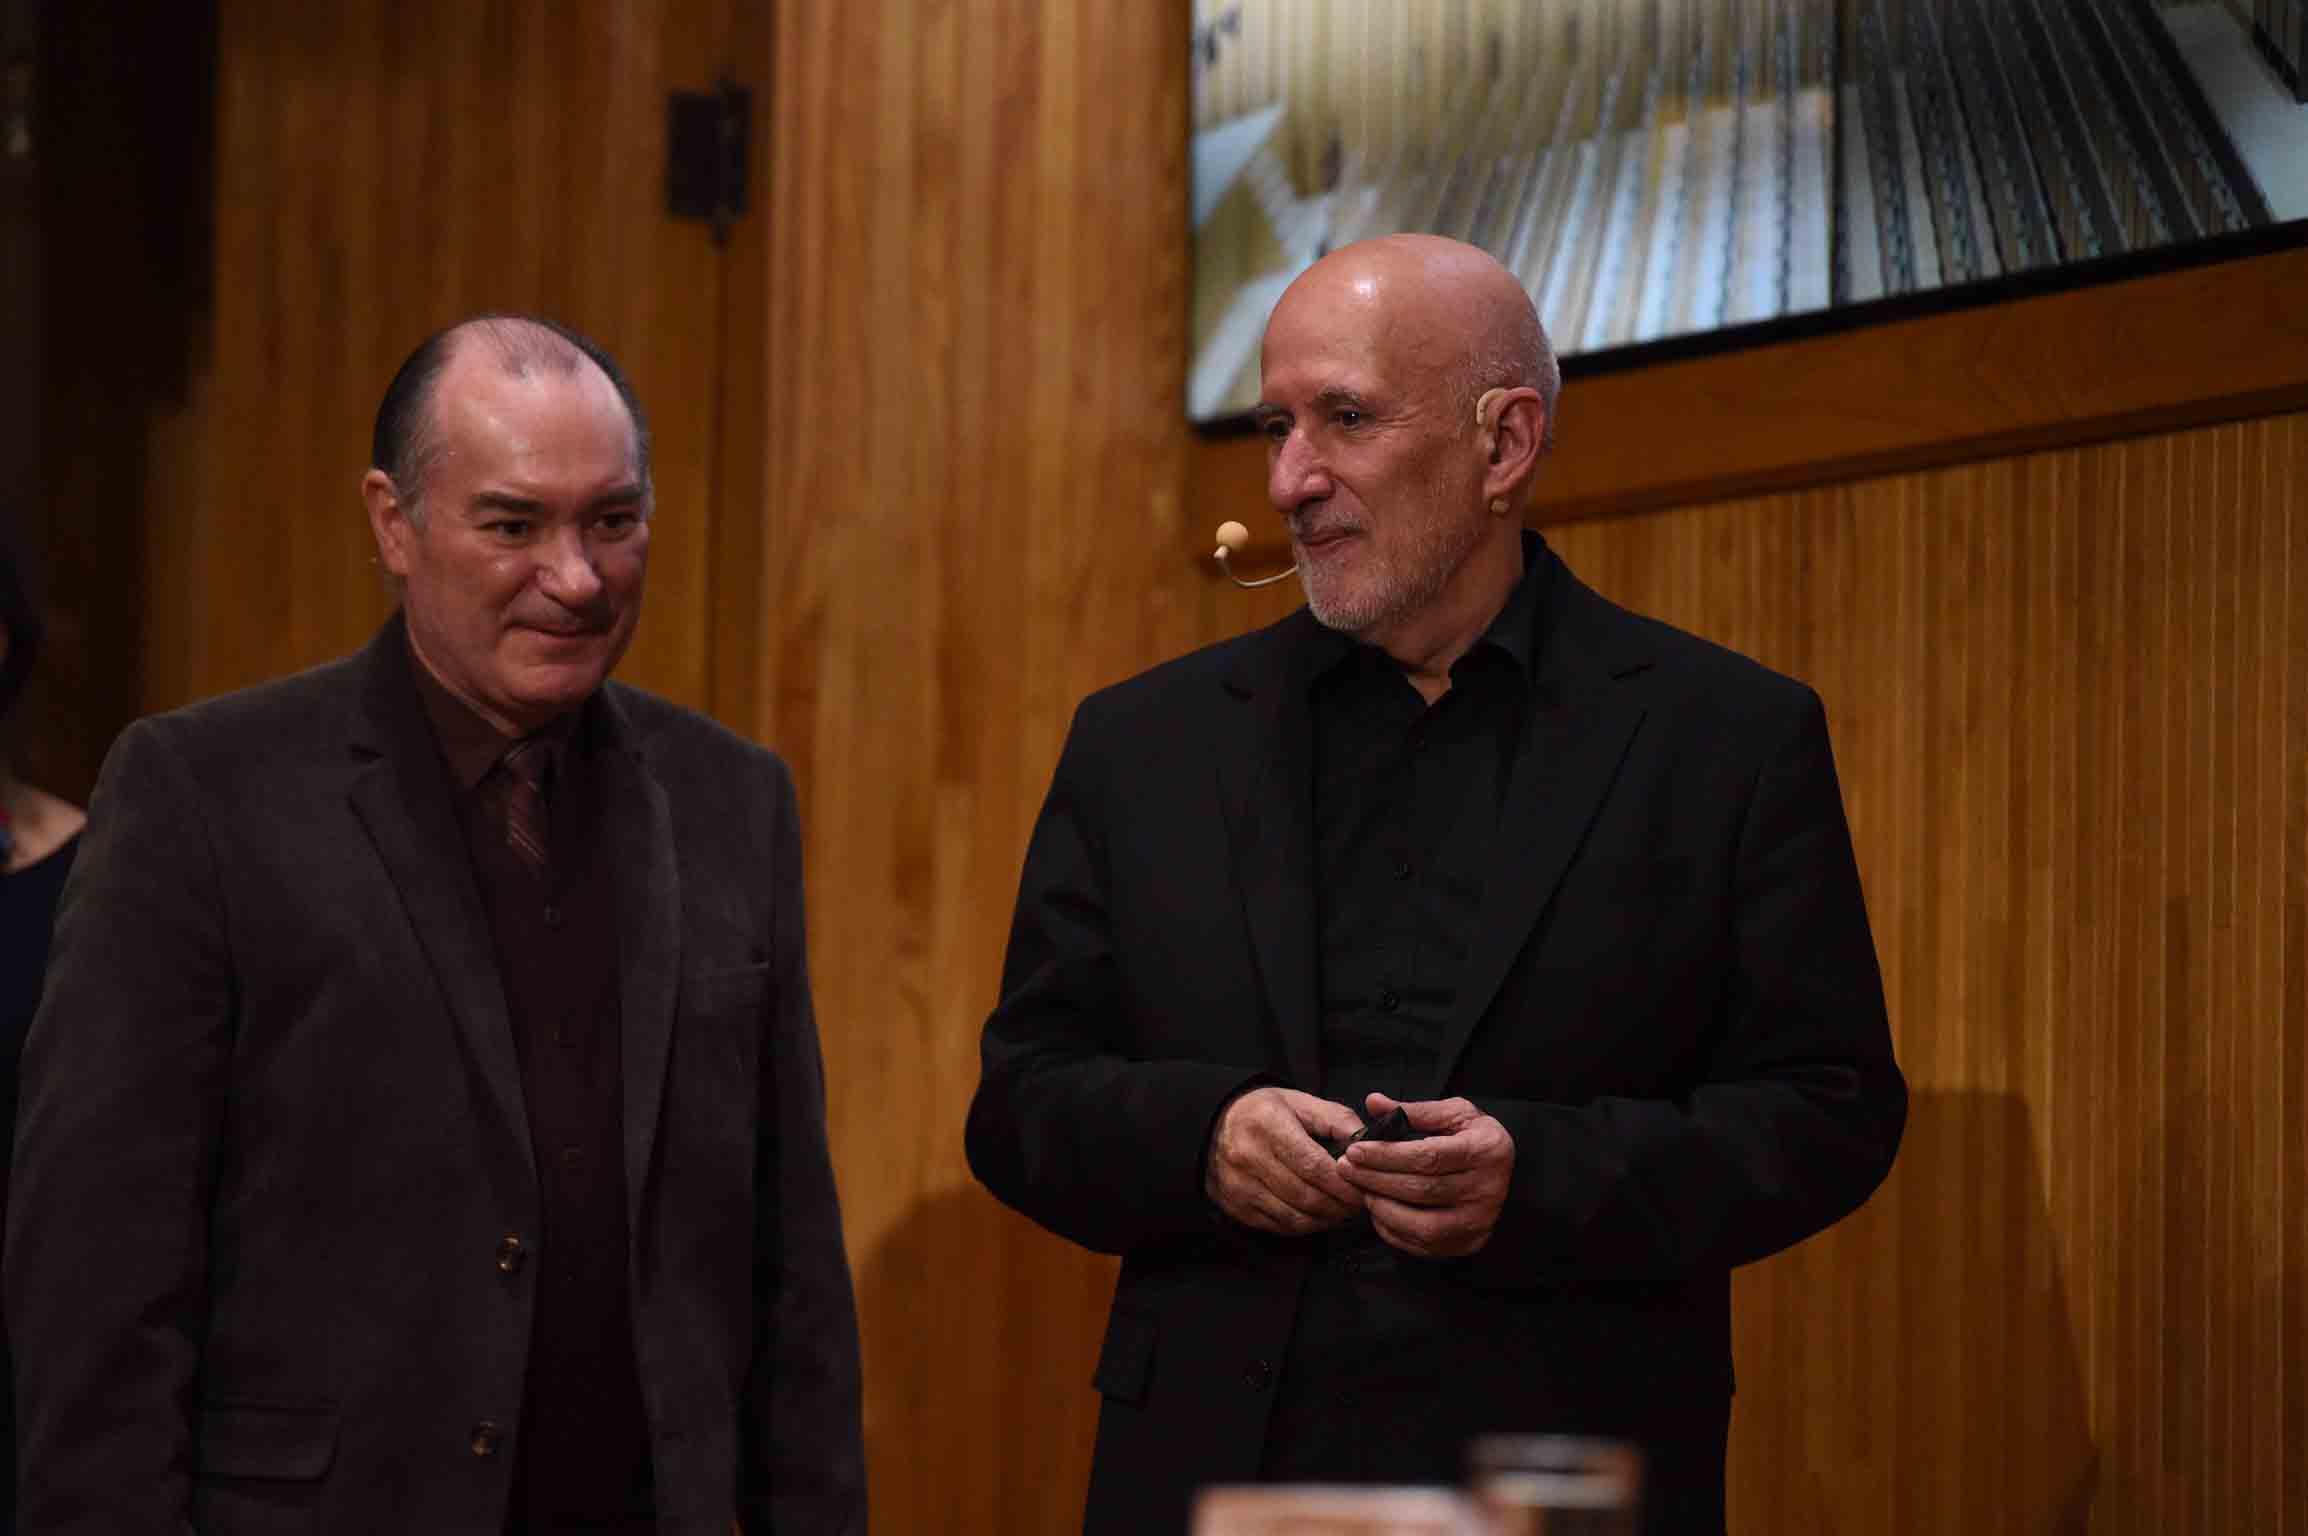 João Luís Carrilho da Graça, acompañado de un hombre.